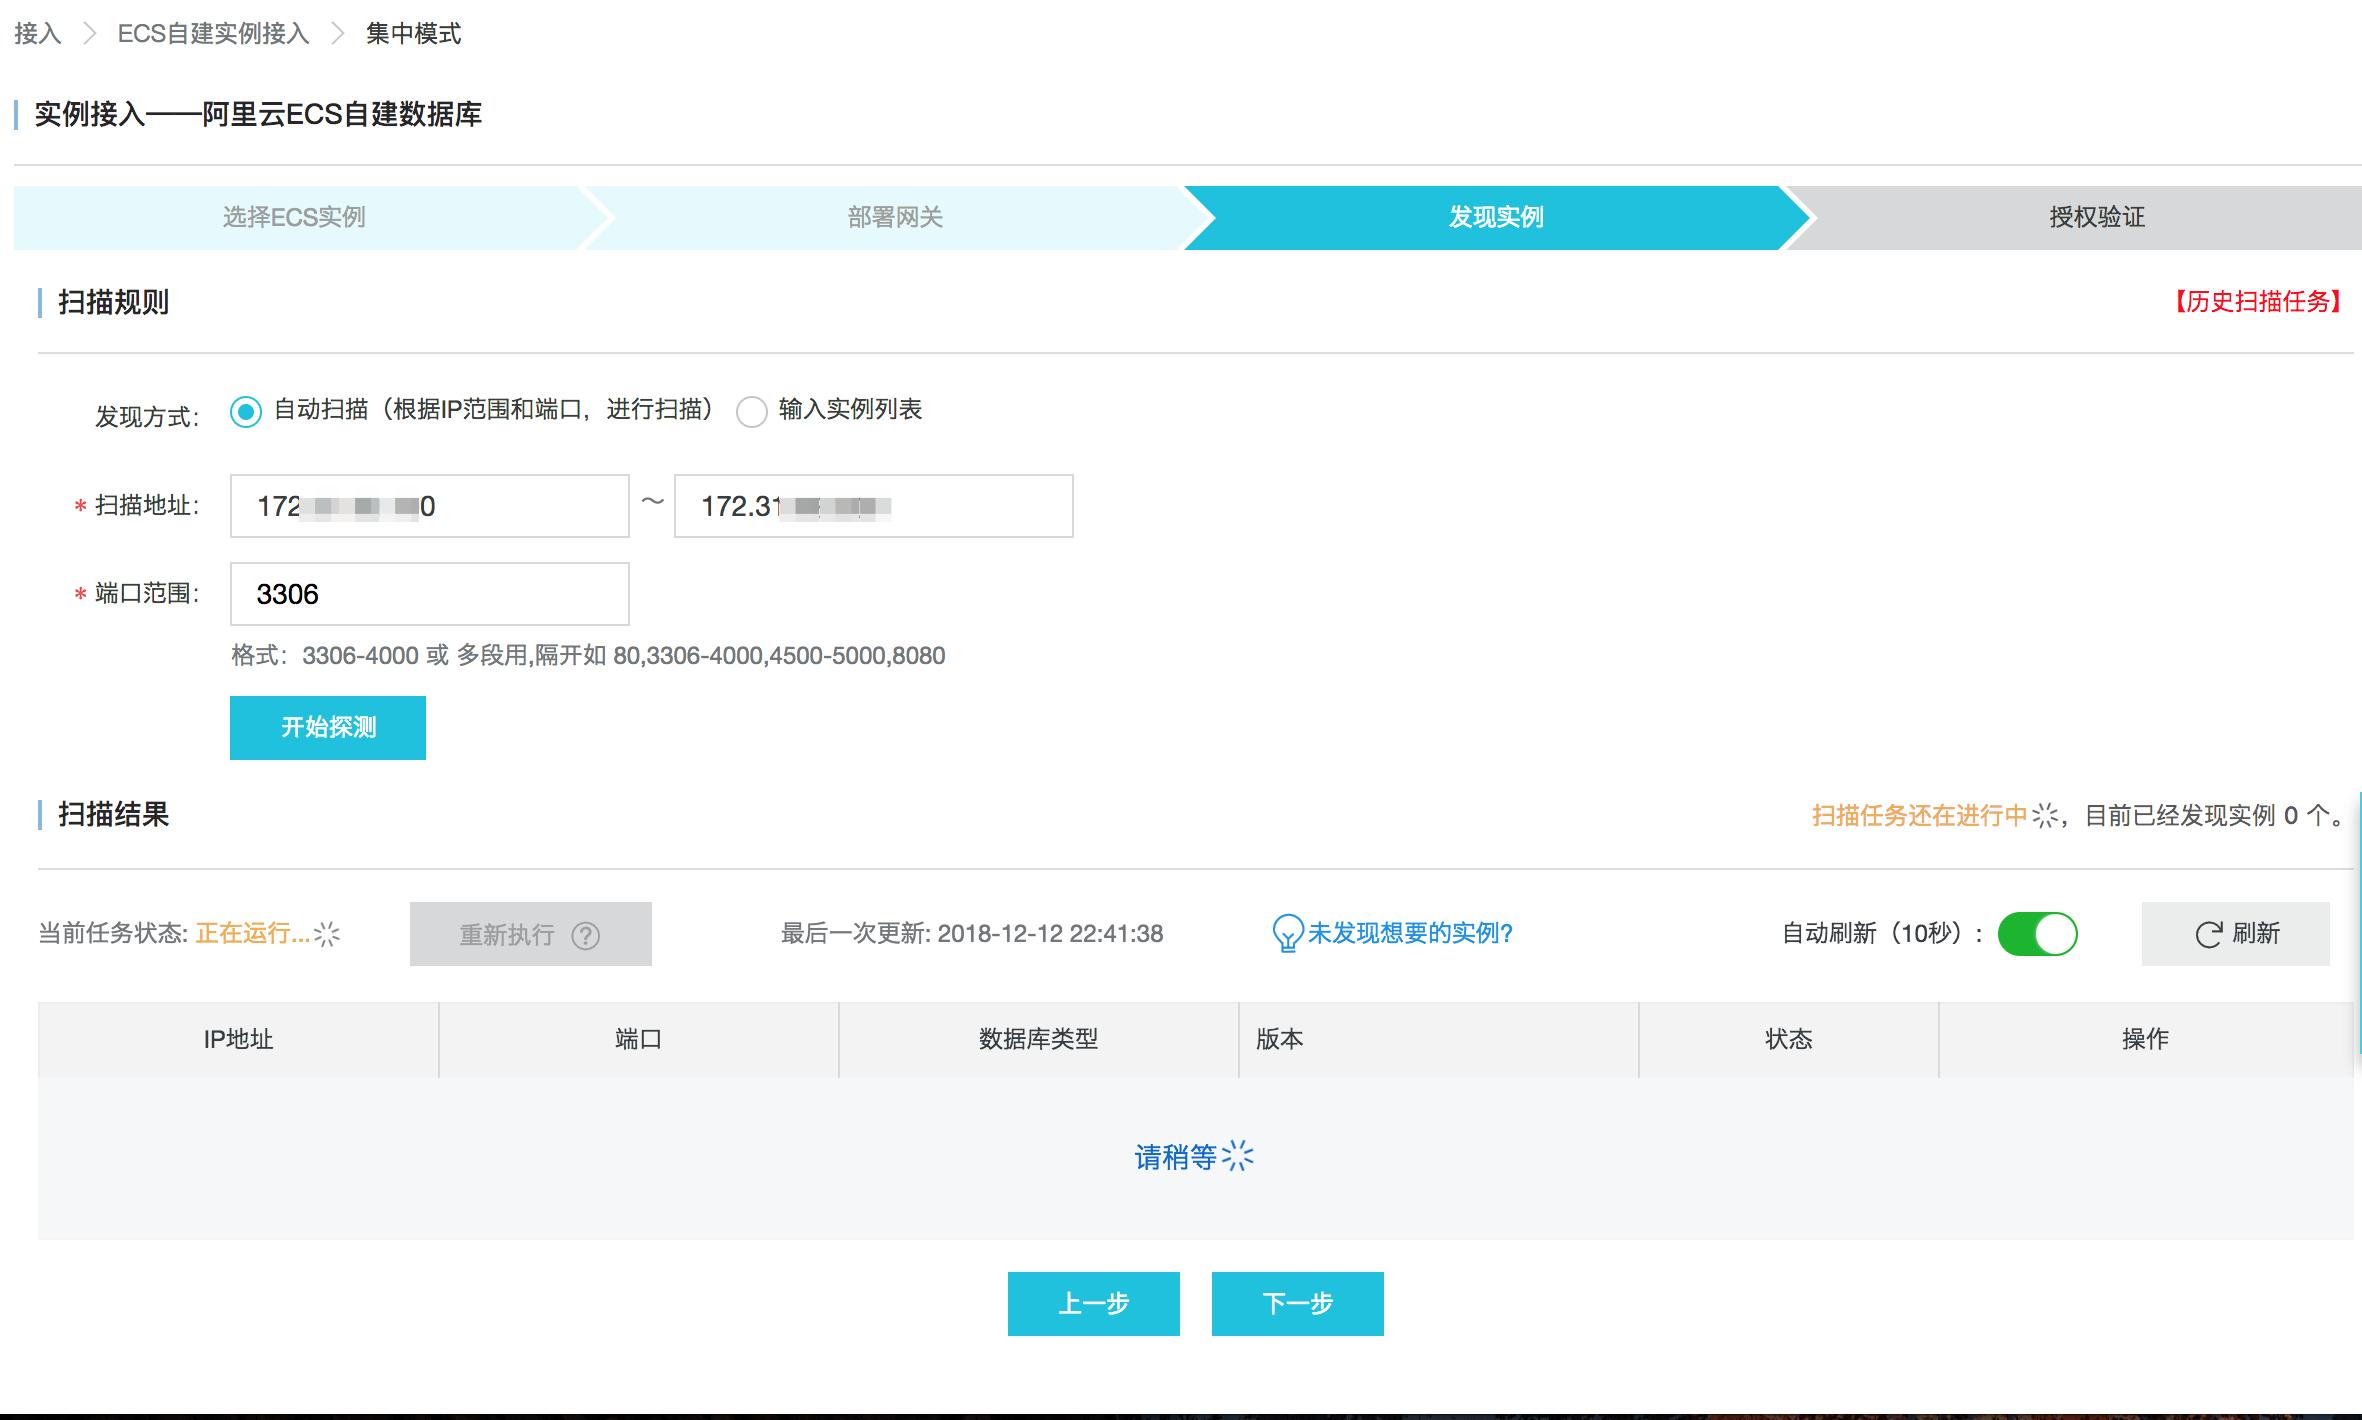 HDM_user_manual_207